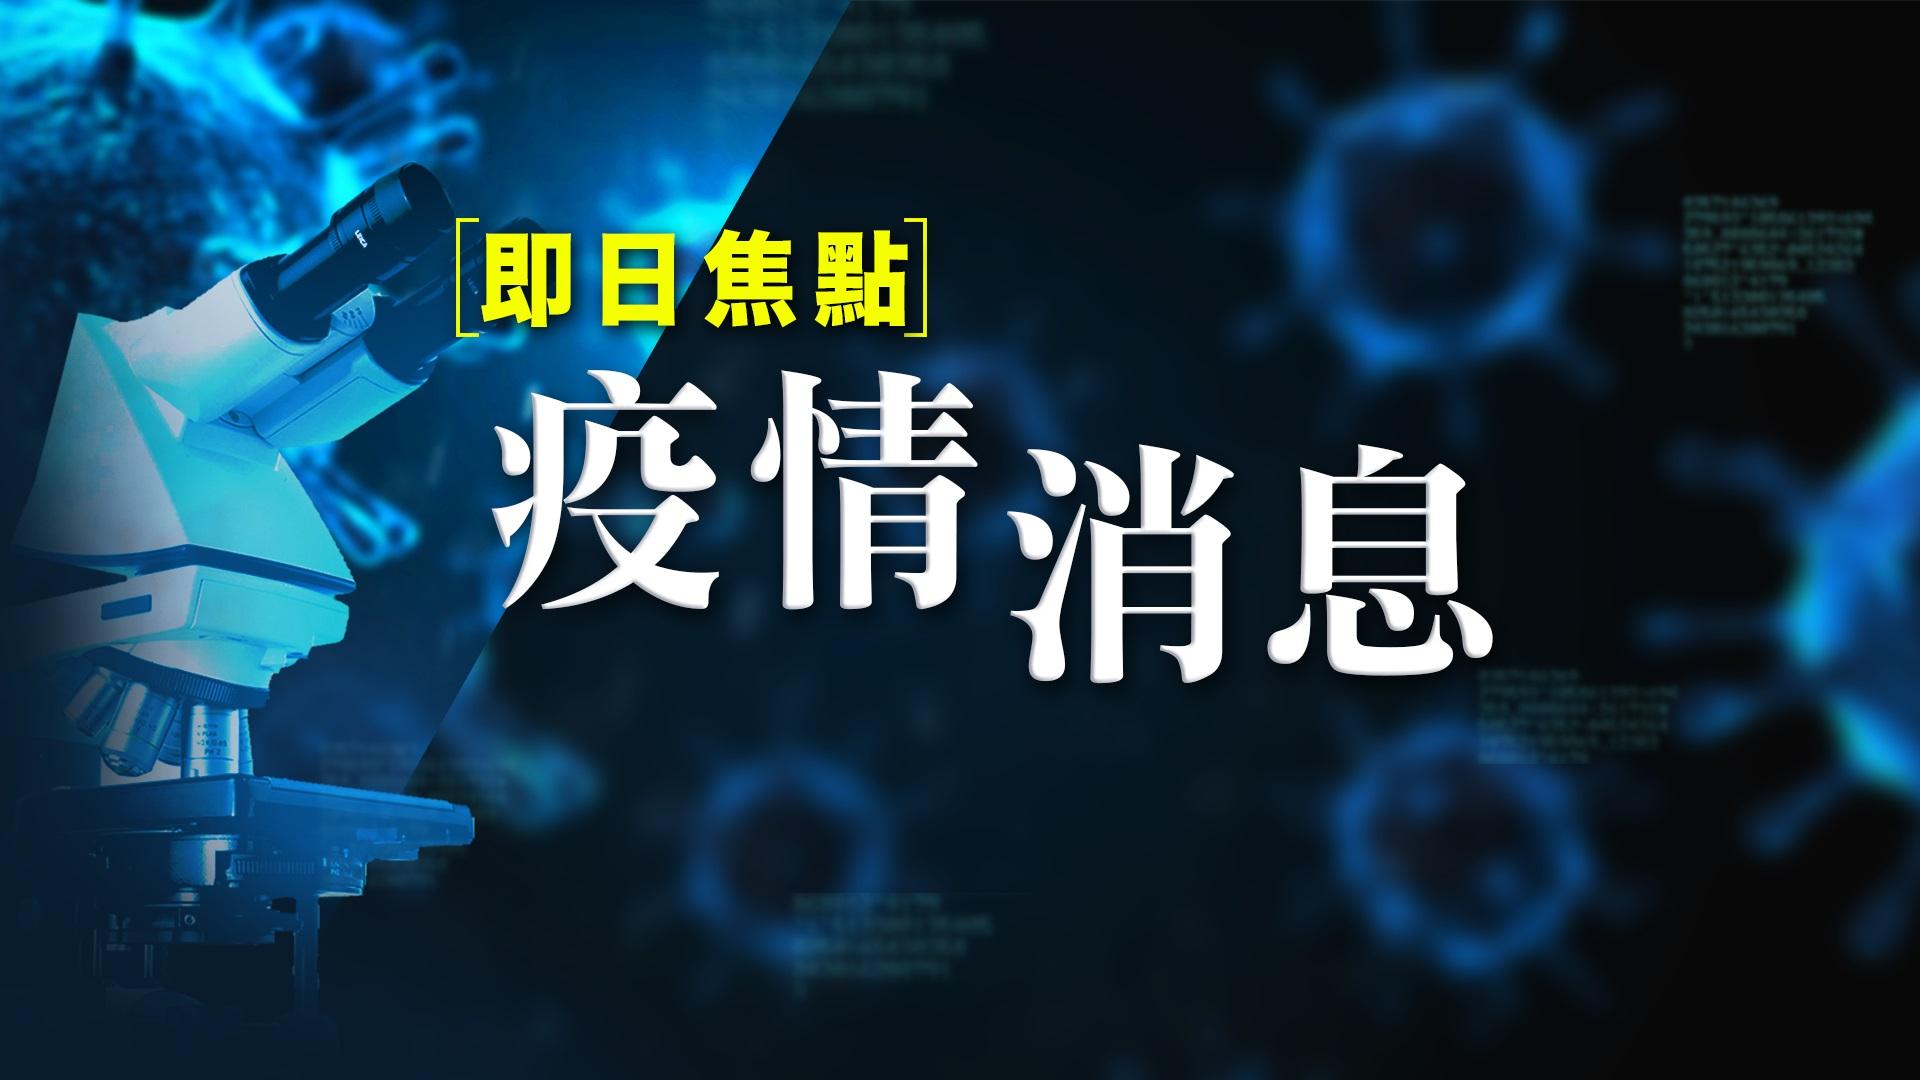 【即日焦點·疫情消息】多名確診者曾到訪蘭桂坊 防護中心認為未必與地方有關;消息:東京奧組委着手擬定奧運延期方案